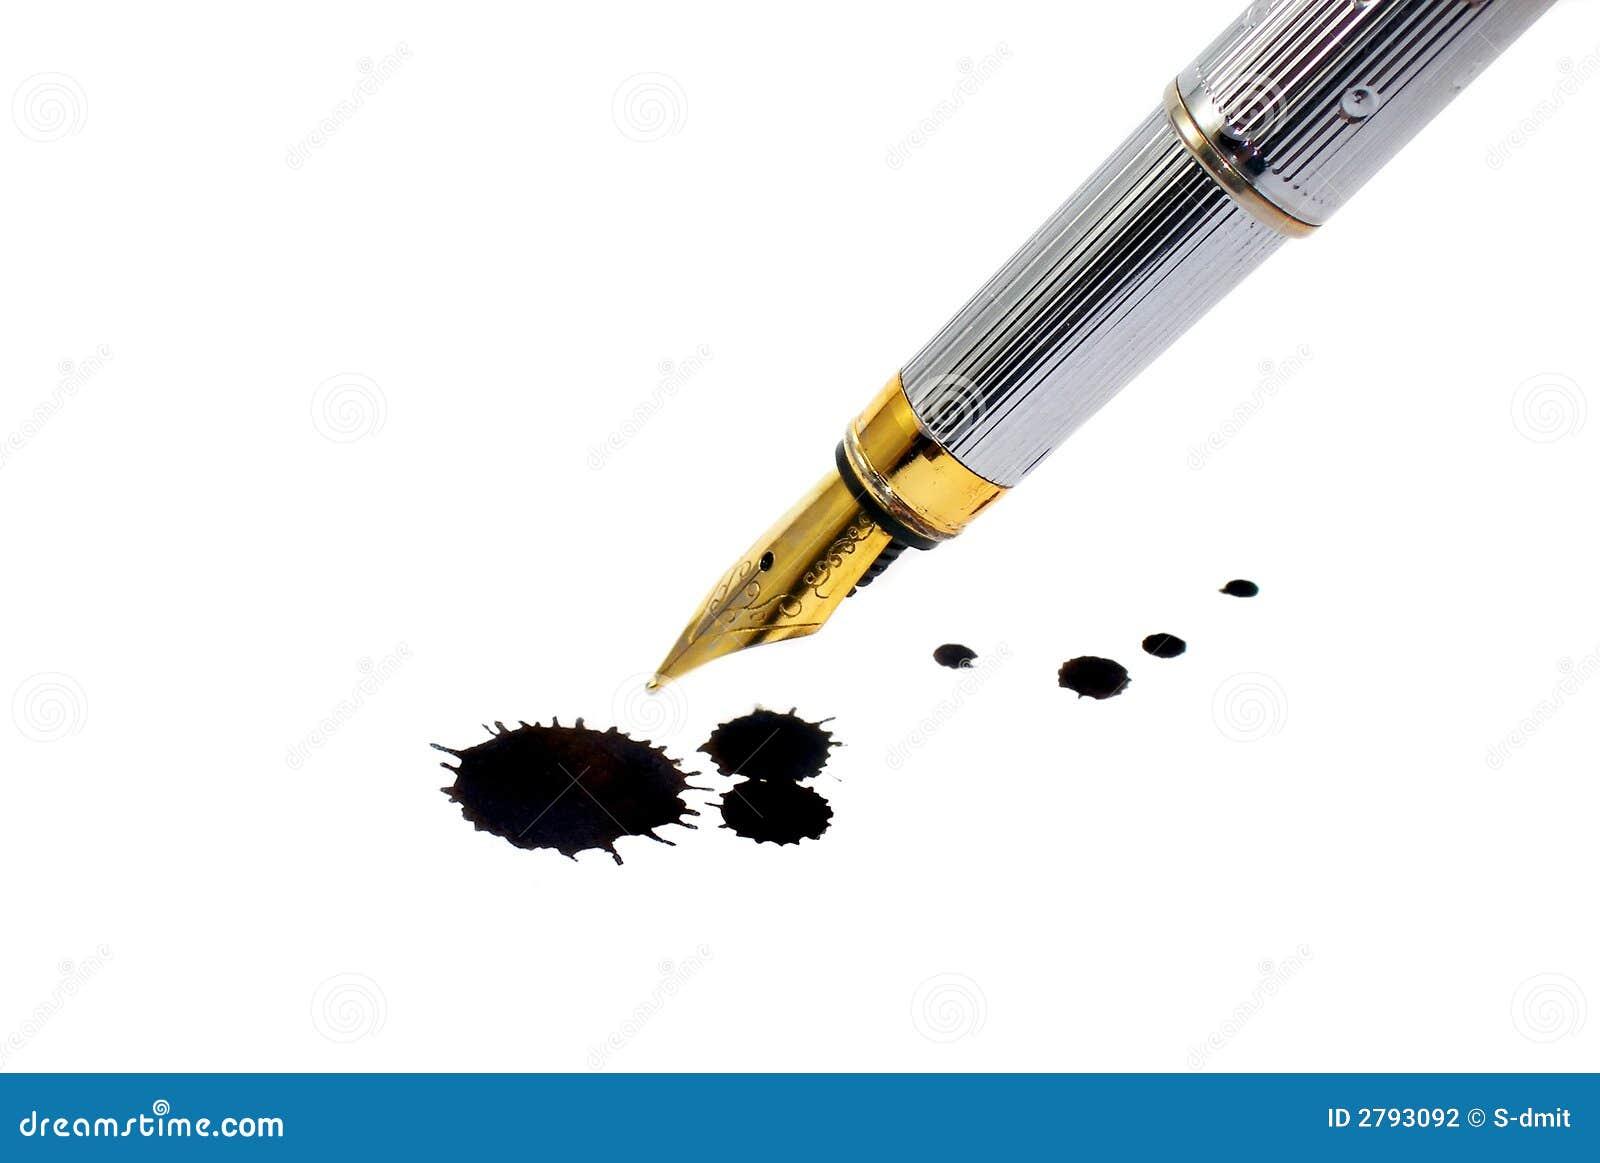 tache d 39 encre crayon lecteur et d 39 encre photo stock image du inkwell ducation 2793092. Black Bedroom Furniture Sets. Home Design Ideas